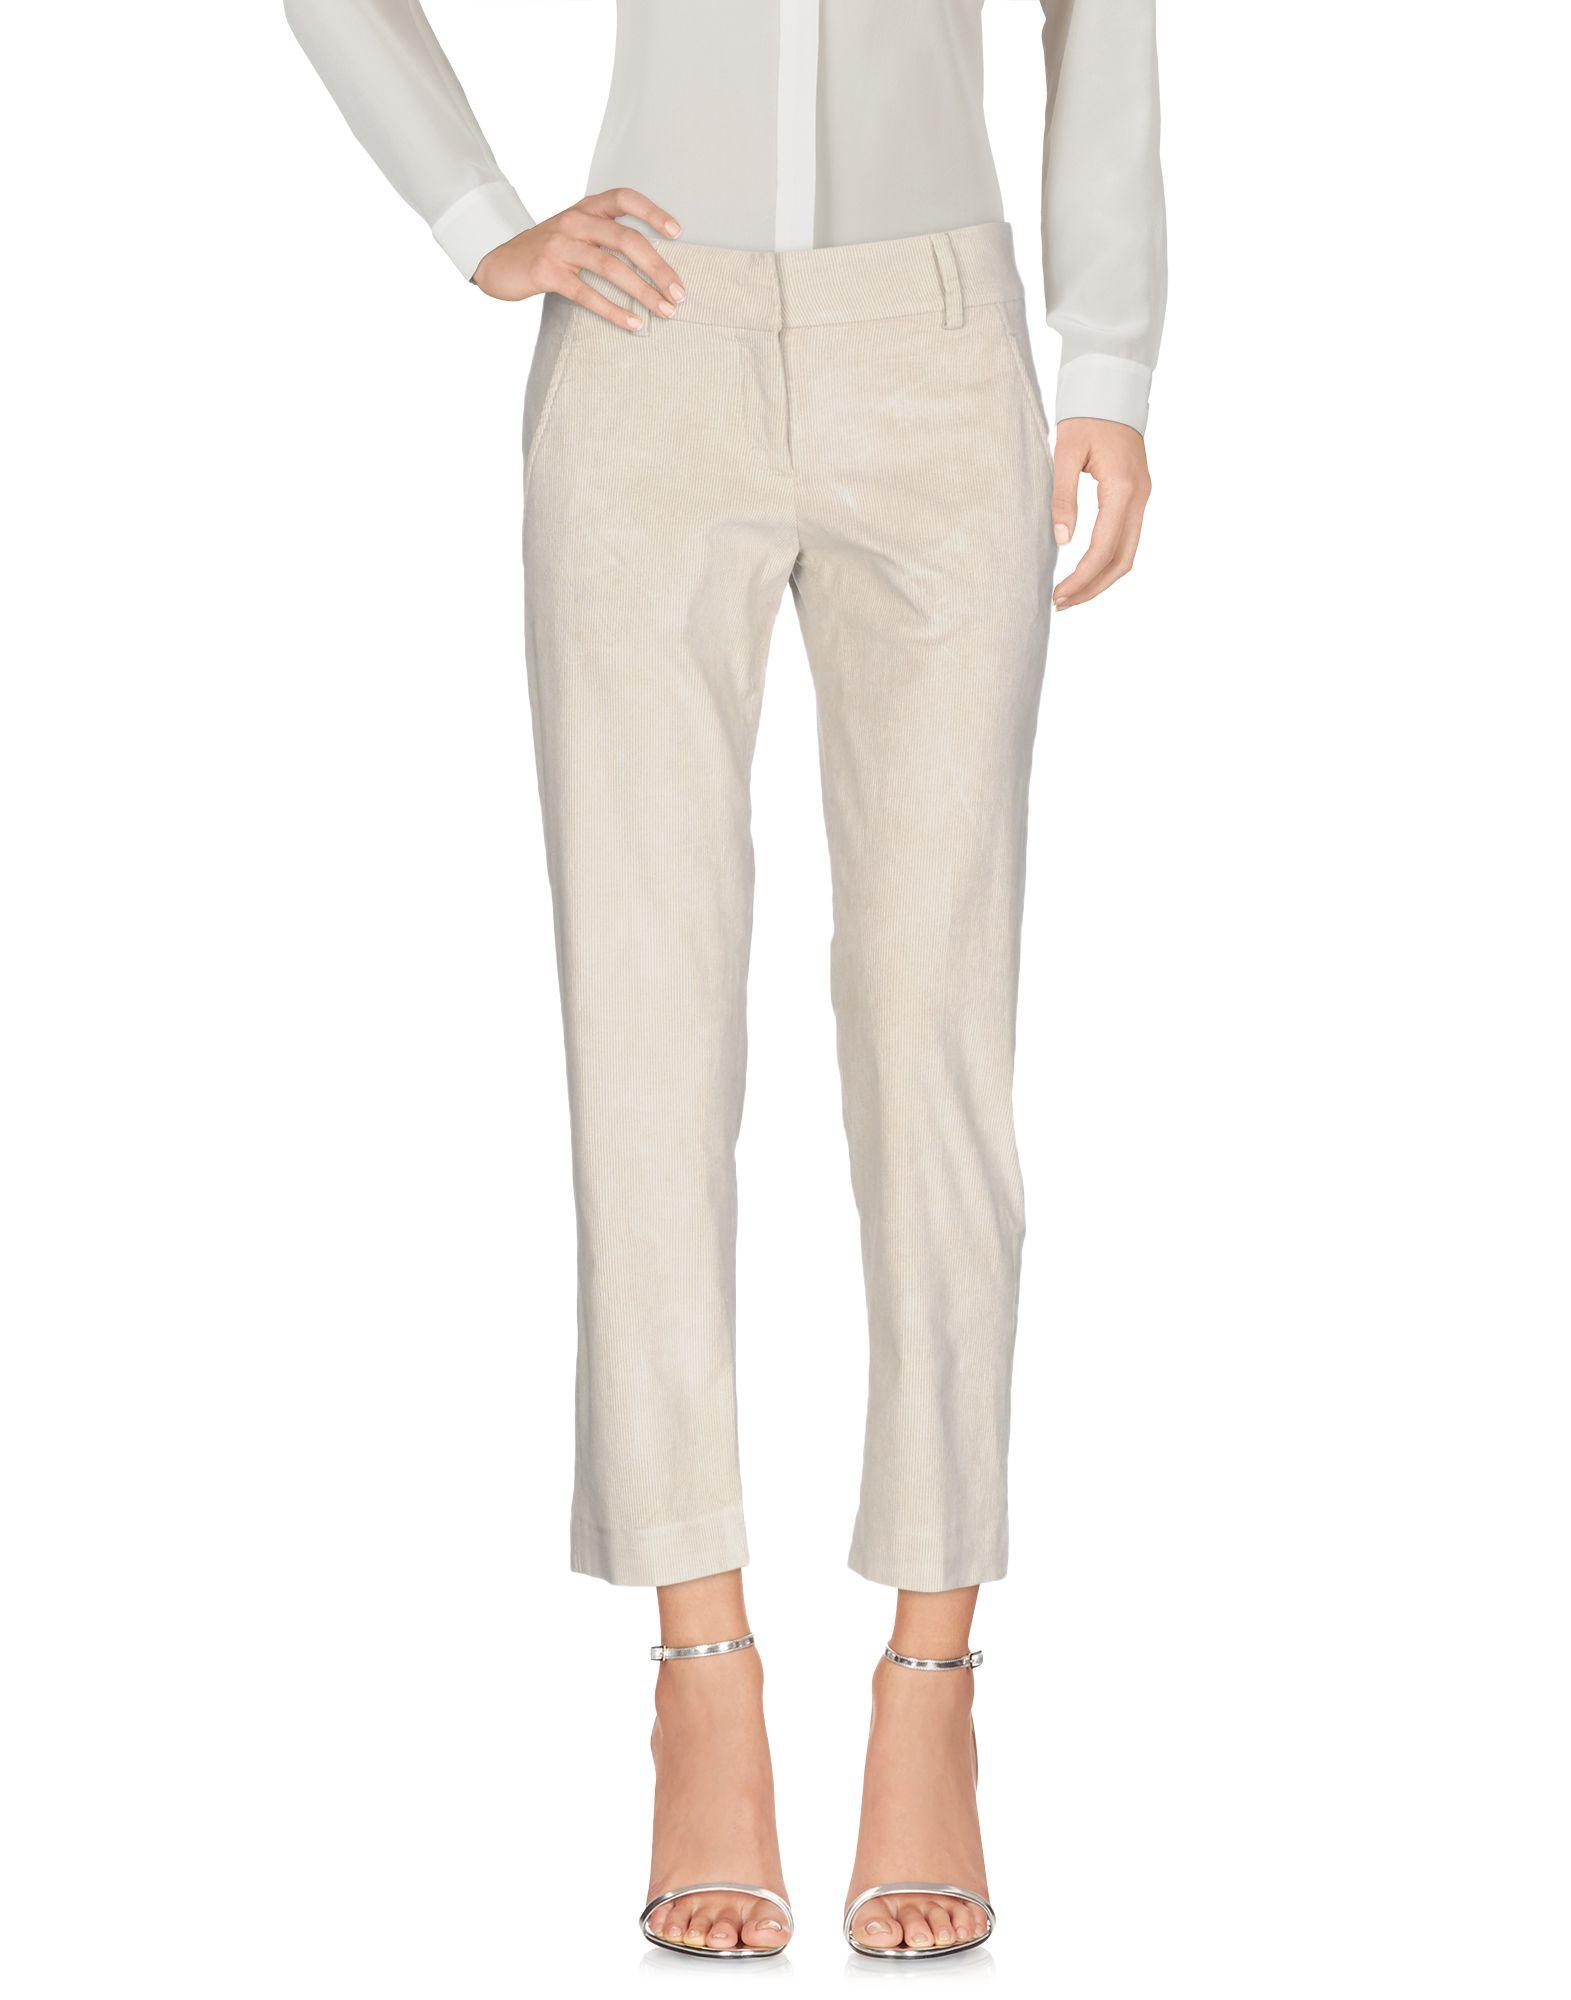 Pantalone Tapered Gunex Donna - Acquista online su dO3h1d